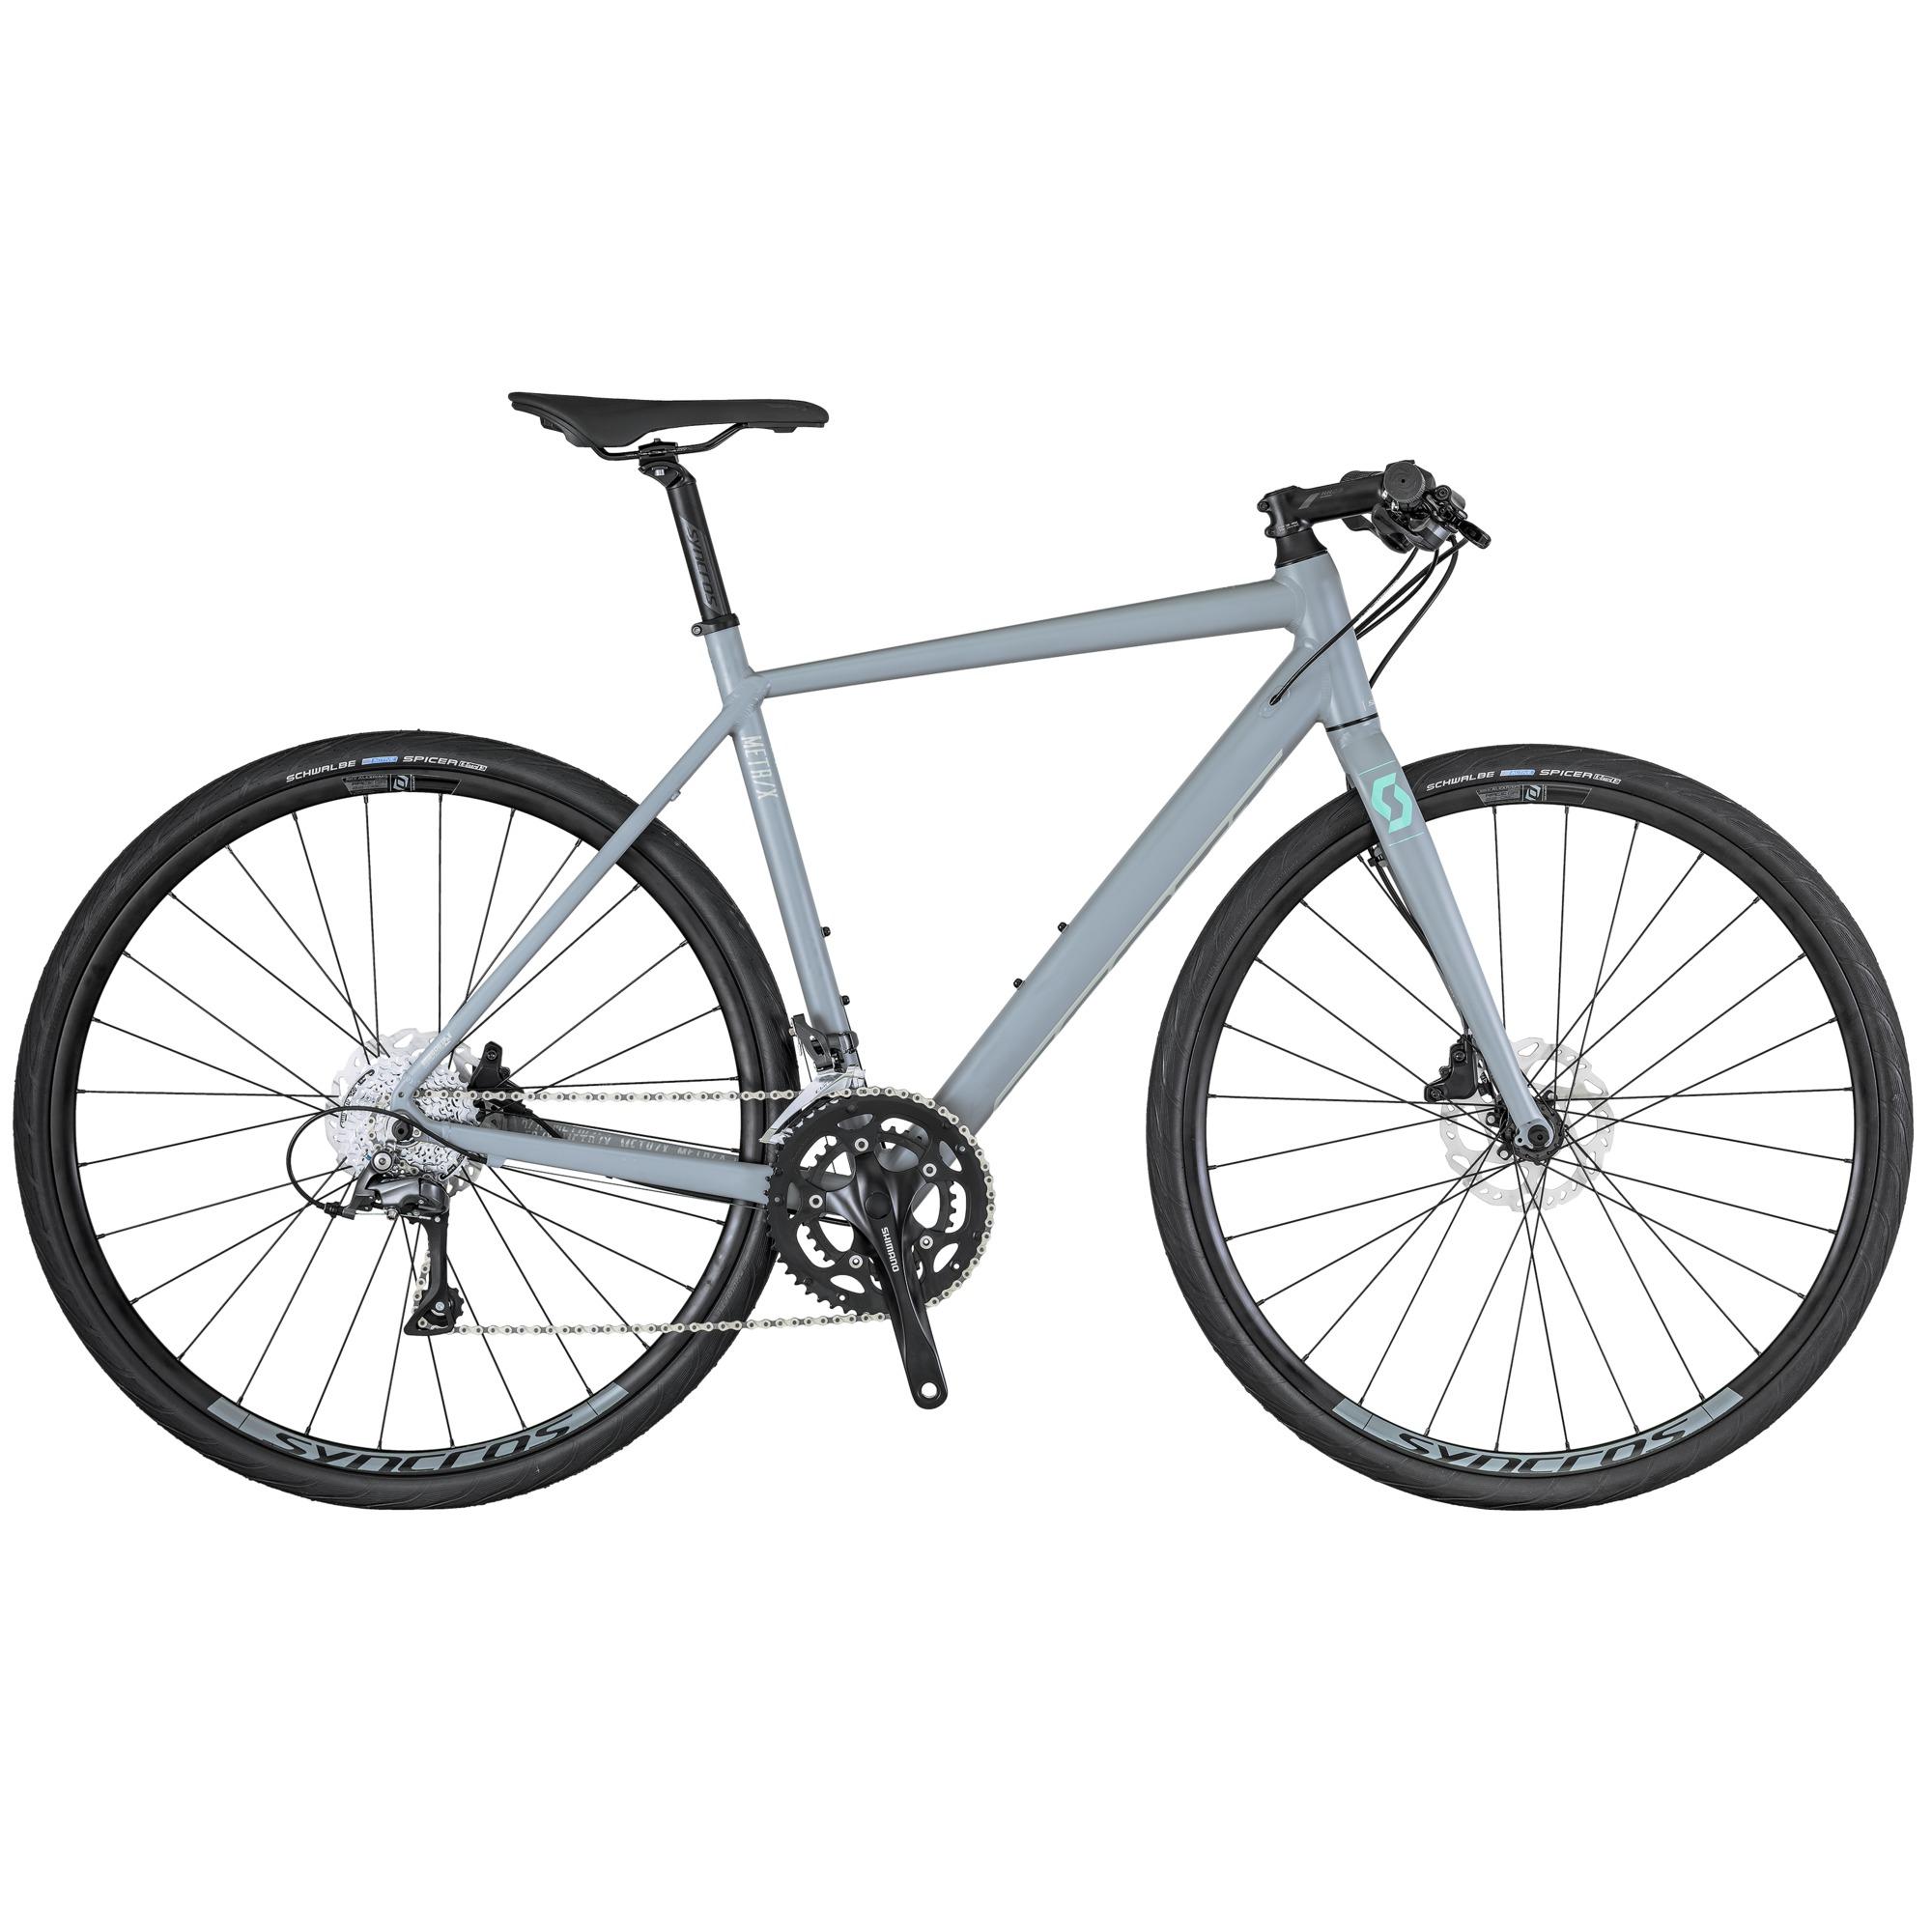 SCOTT Metrix 30 Disc Bike 2XL61 - Zweirad Homann